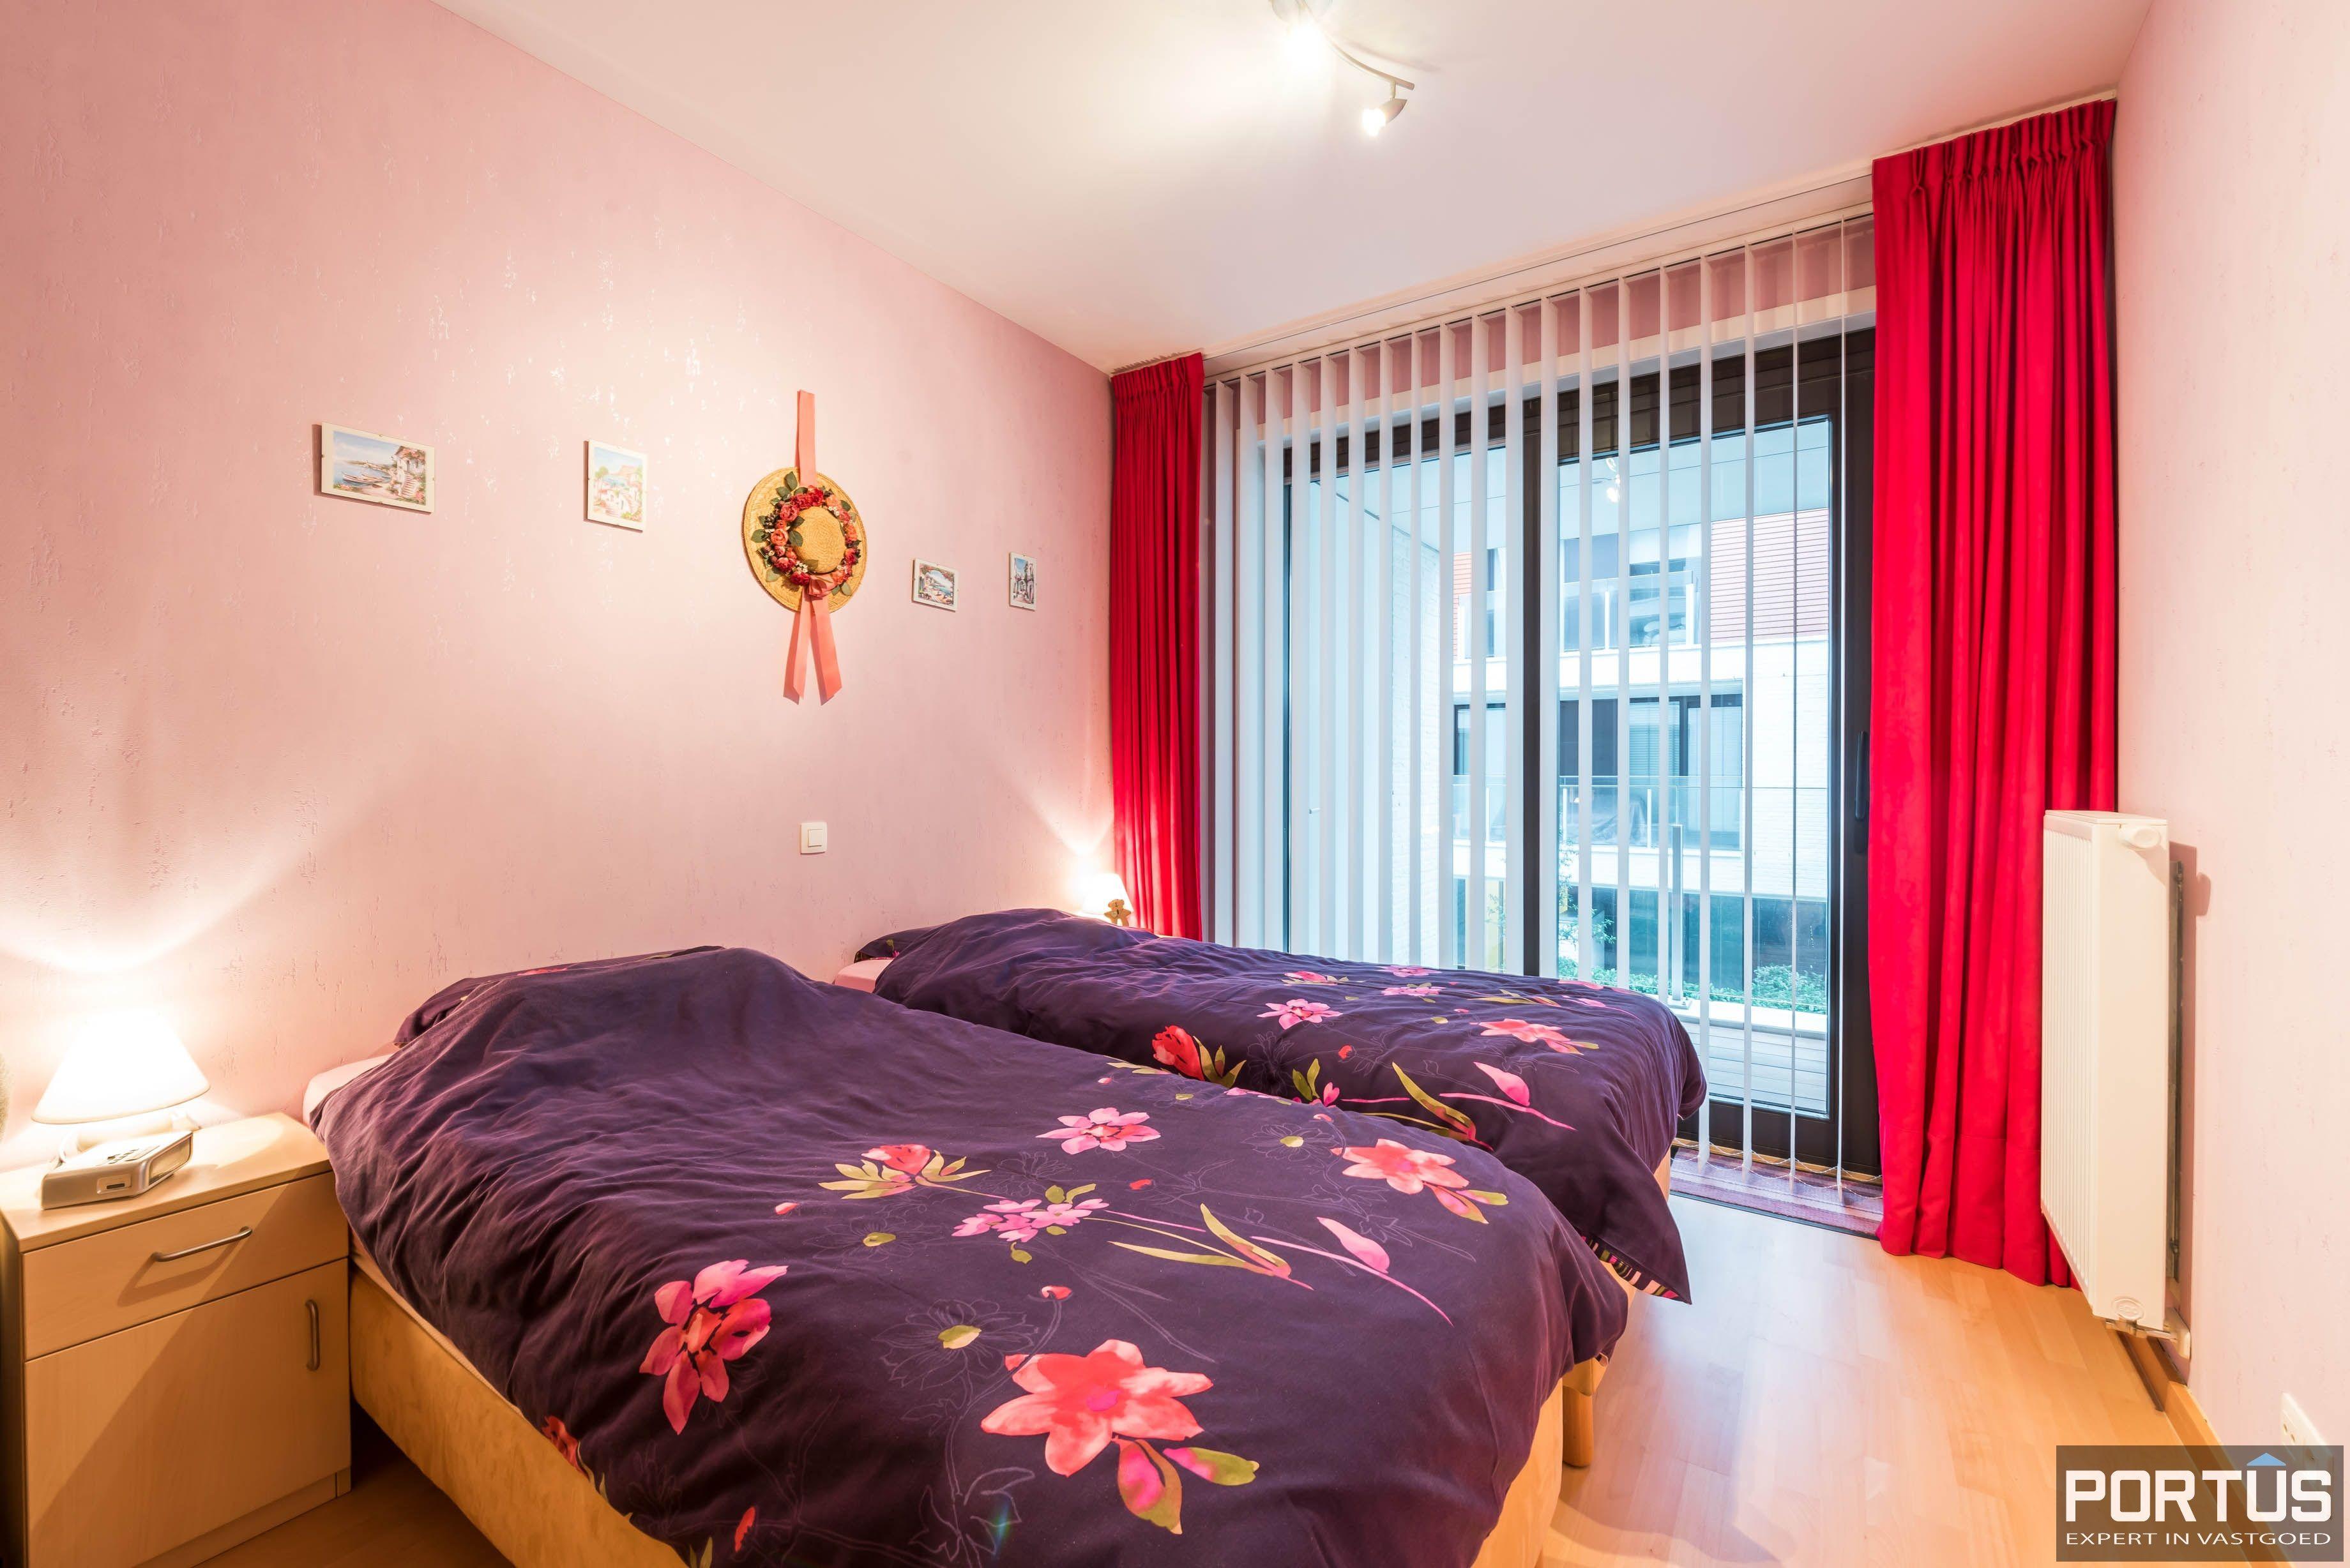 Appartement met 2 slaapkamers te koop Nieuwpoort - 5553